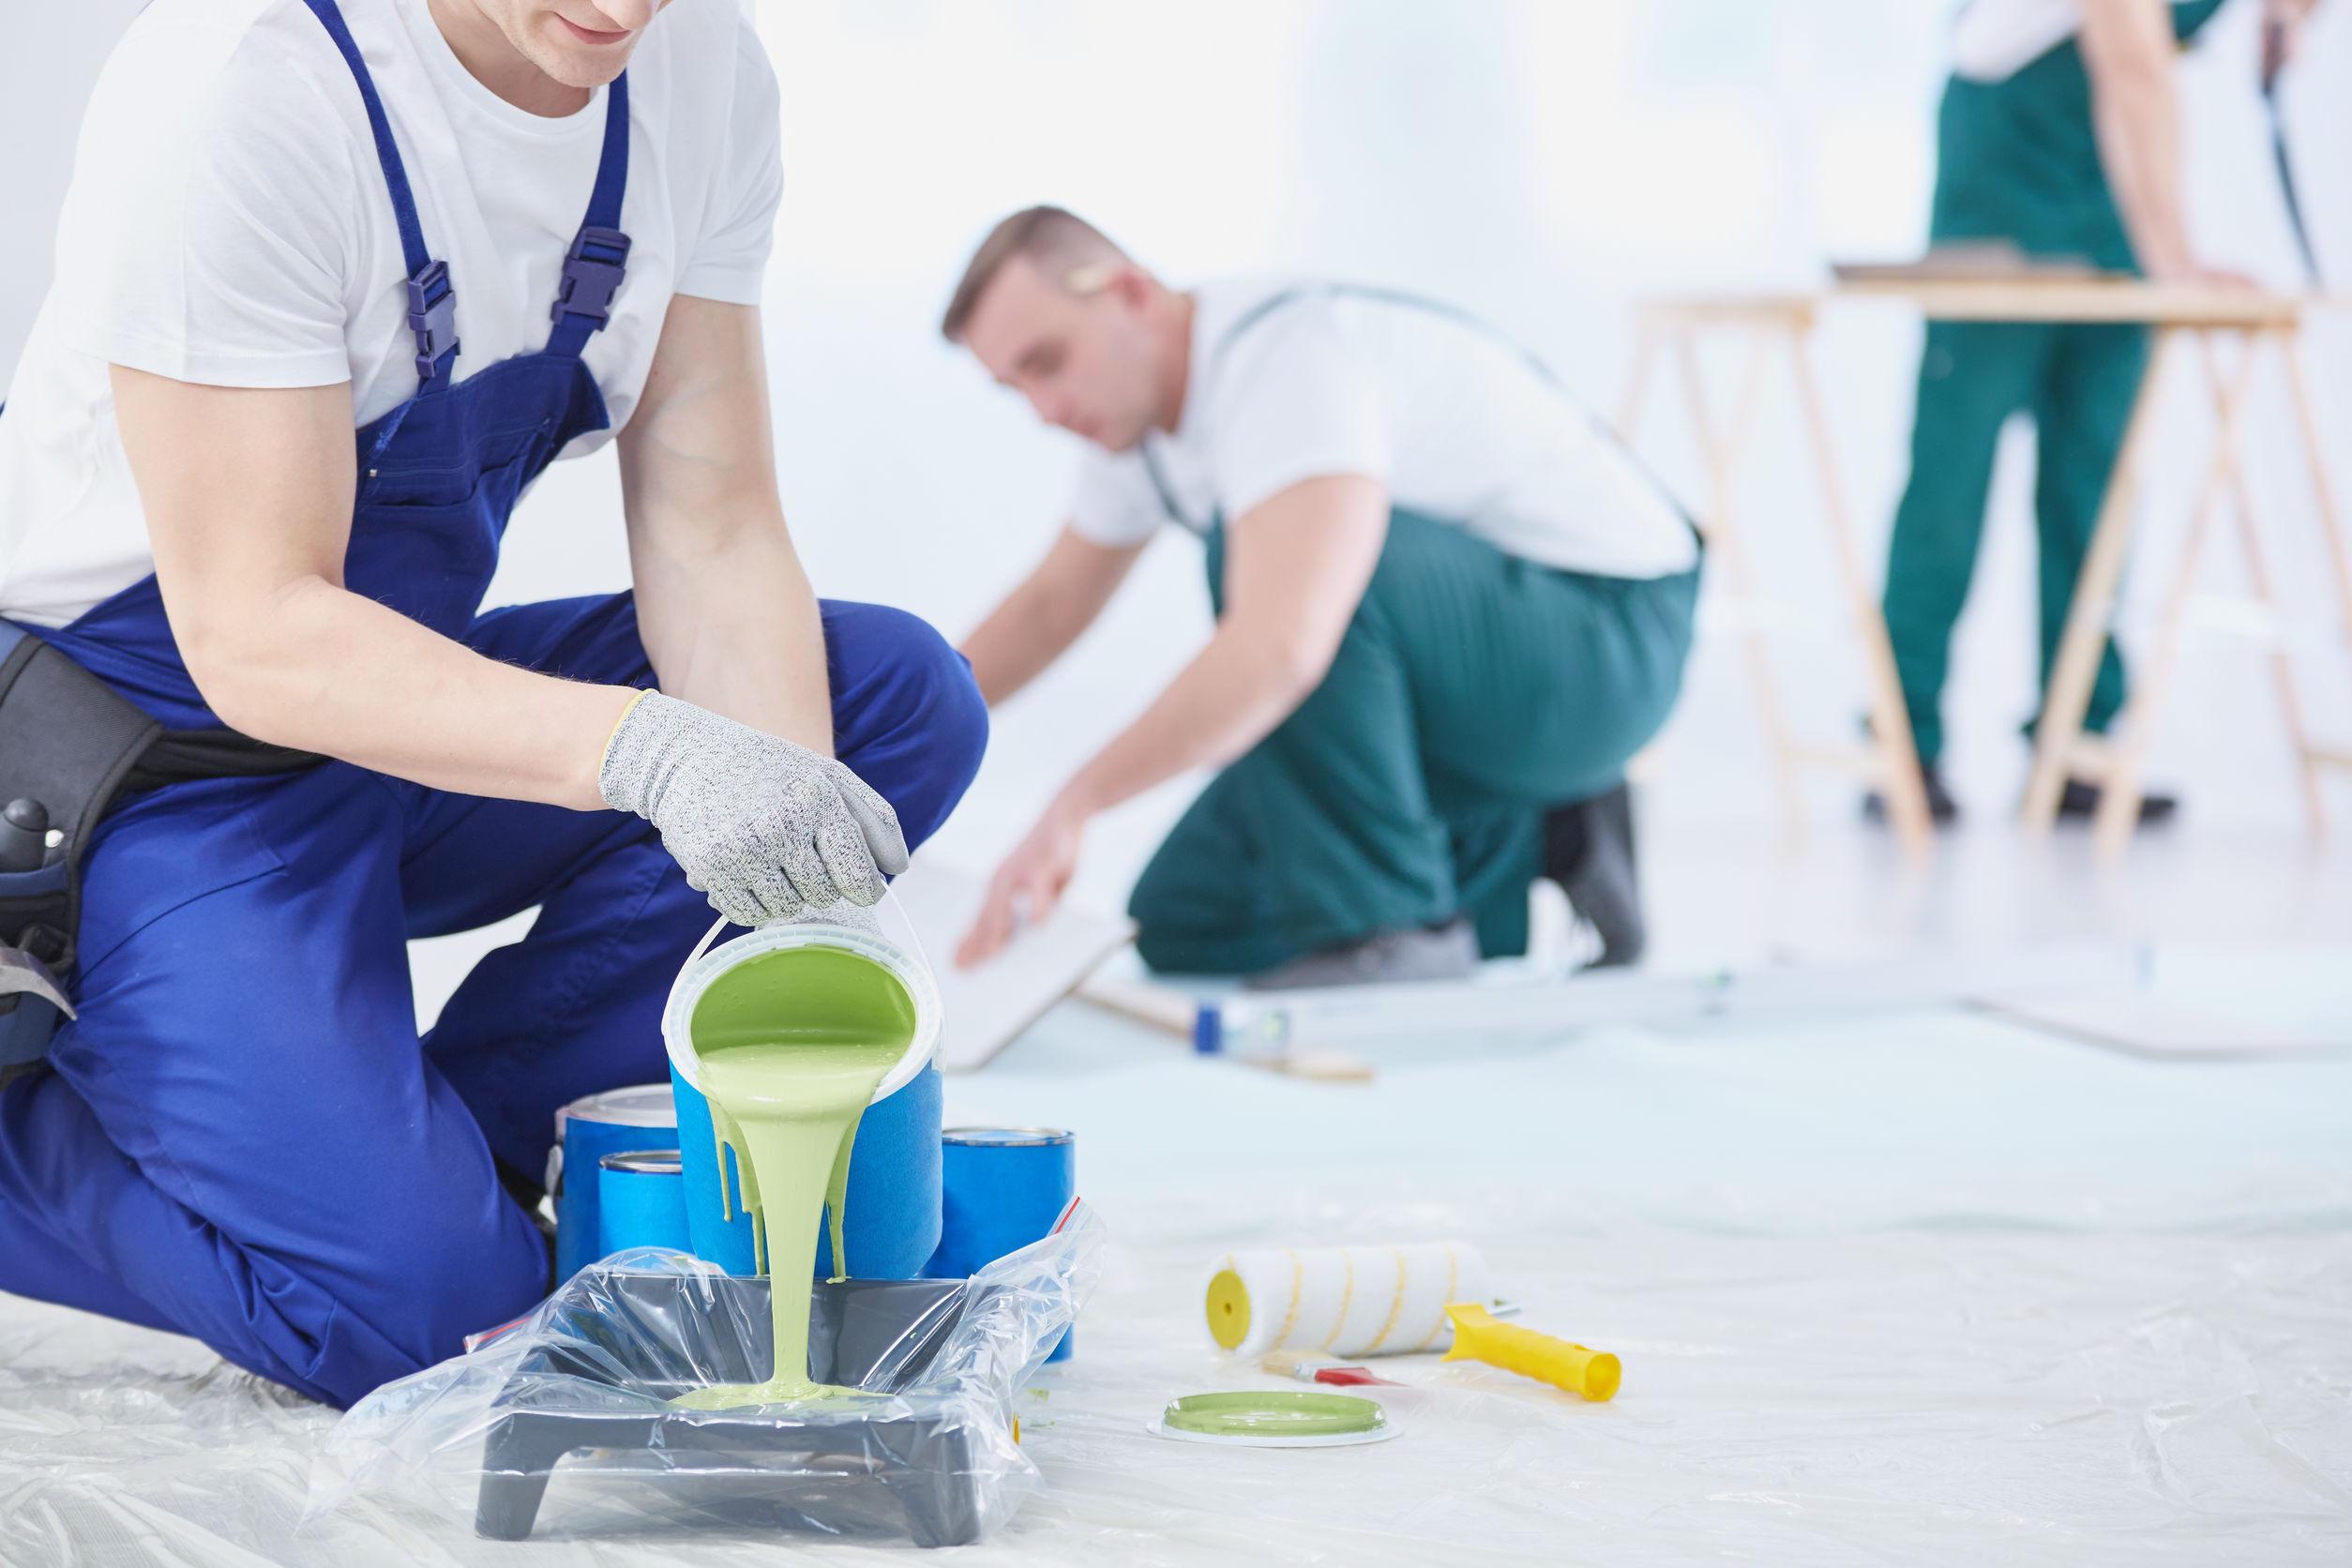 une équipe d'artisans professionnels réalisant la peinture d'un appartement ou d'une maison